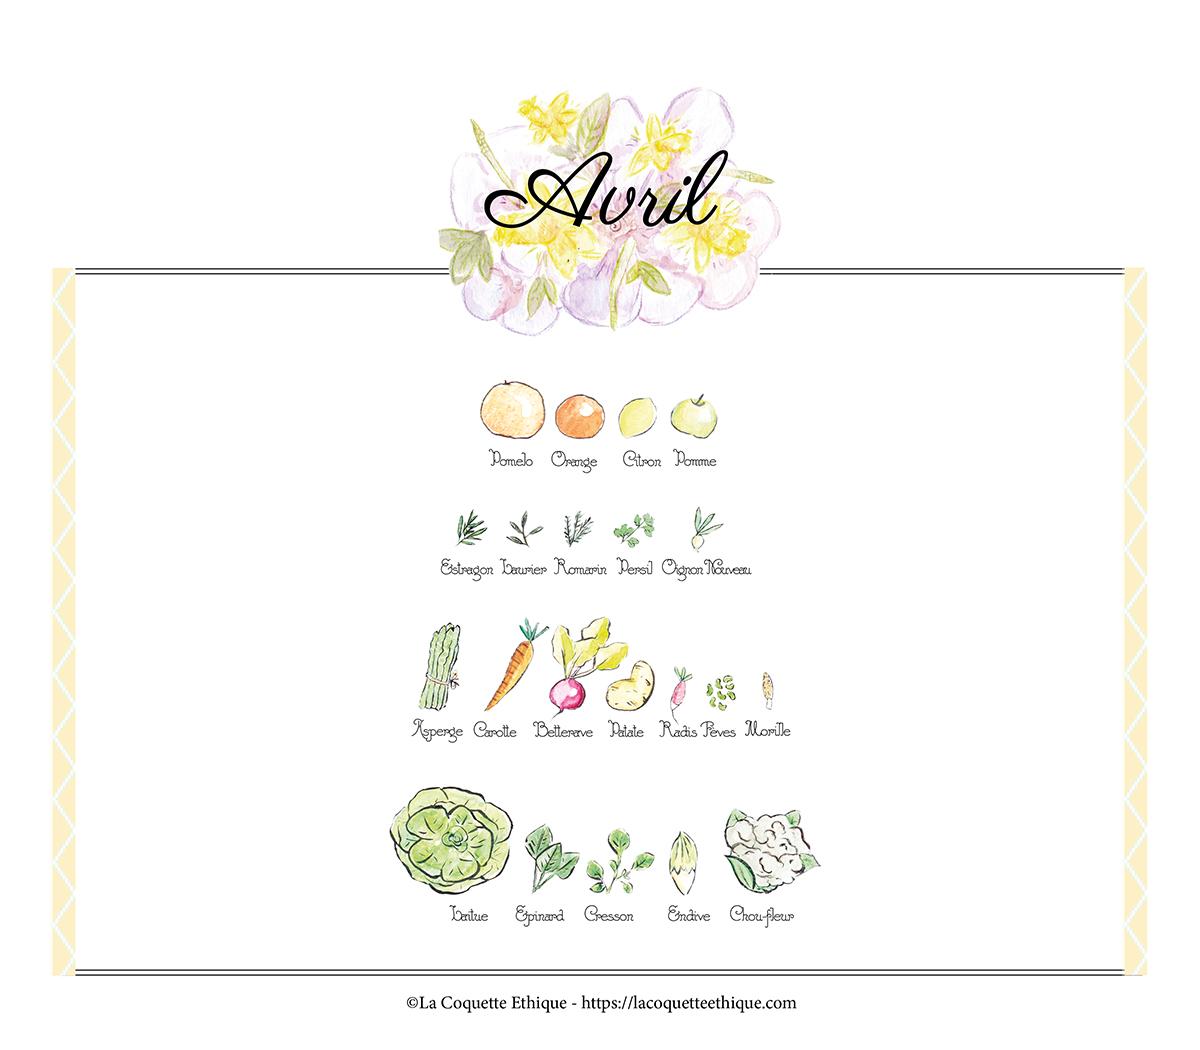 b36ed7f59a8 Fruits et légumes d avril - calendrier de saison  4 - La Coquette Ethique